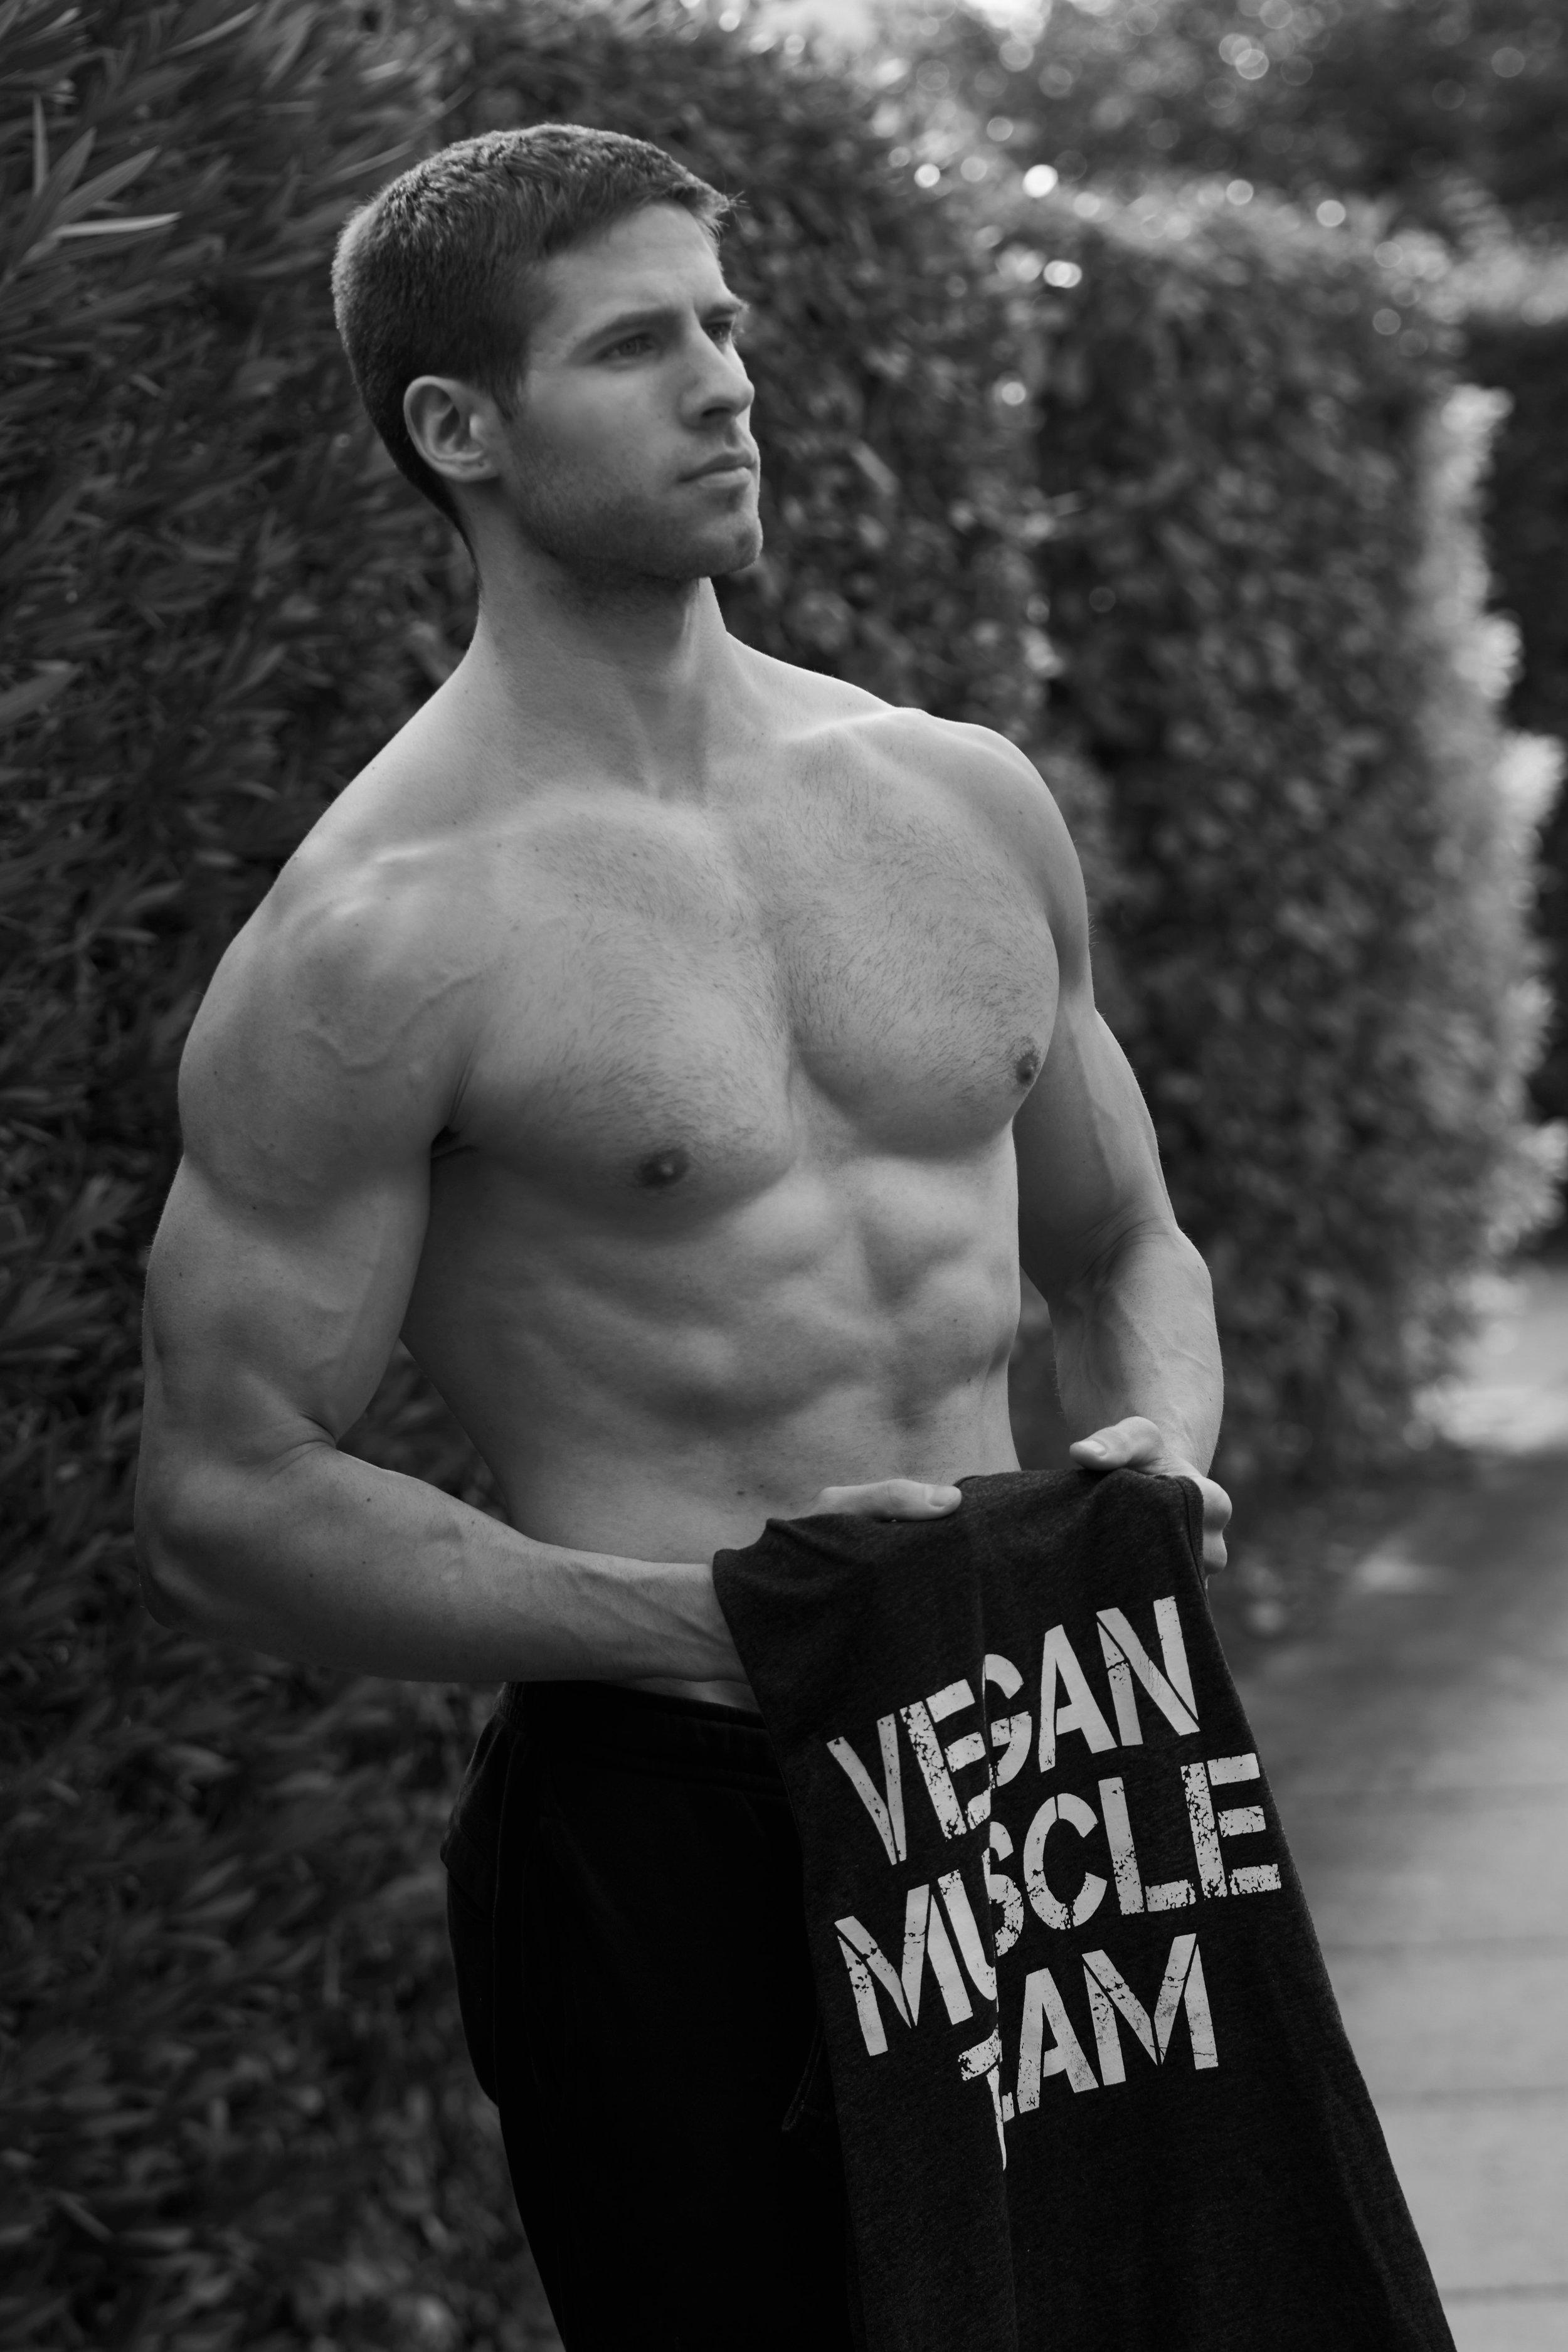 Vegan_Personal_Trainer_07.jpg